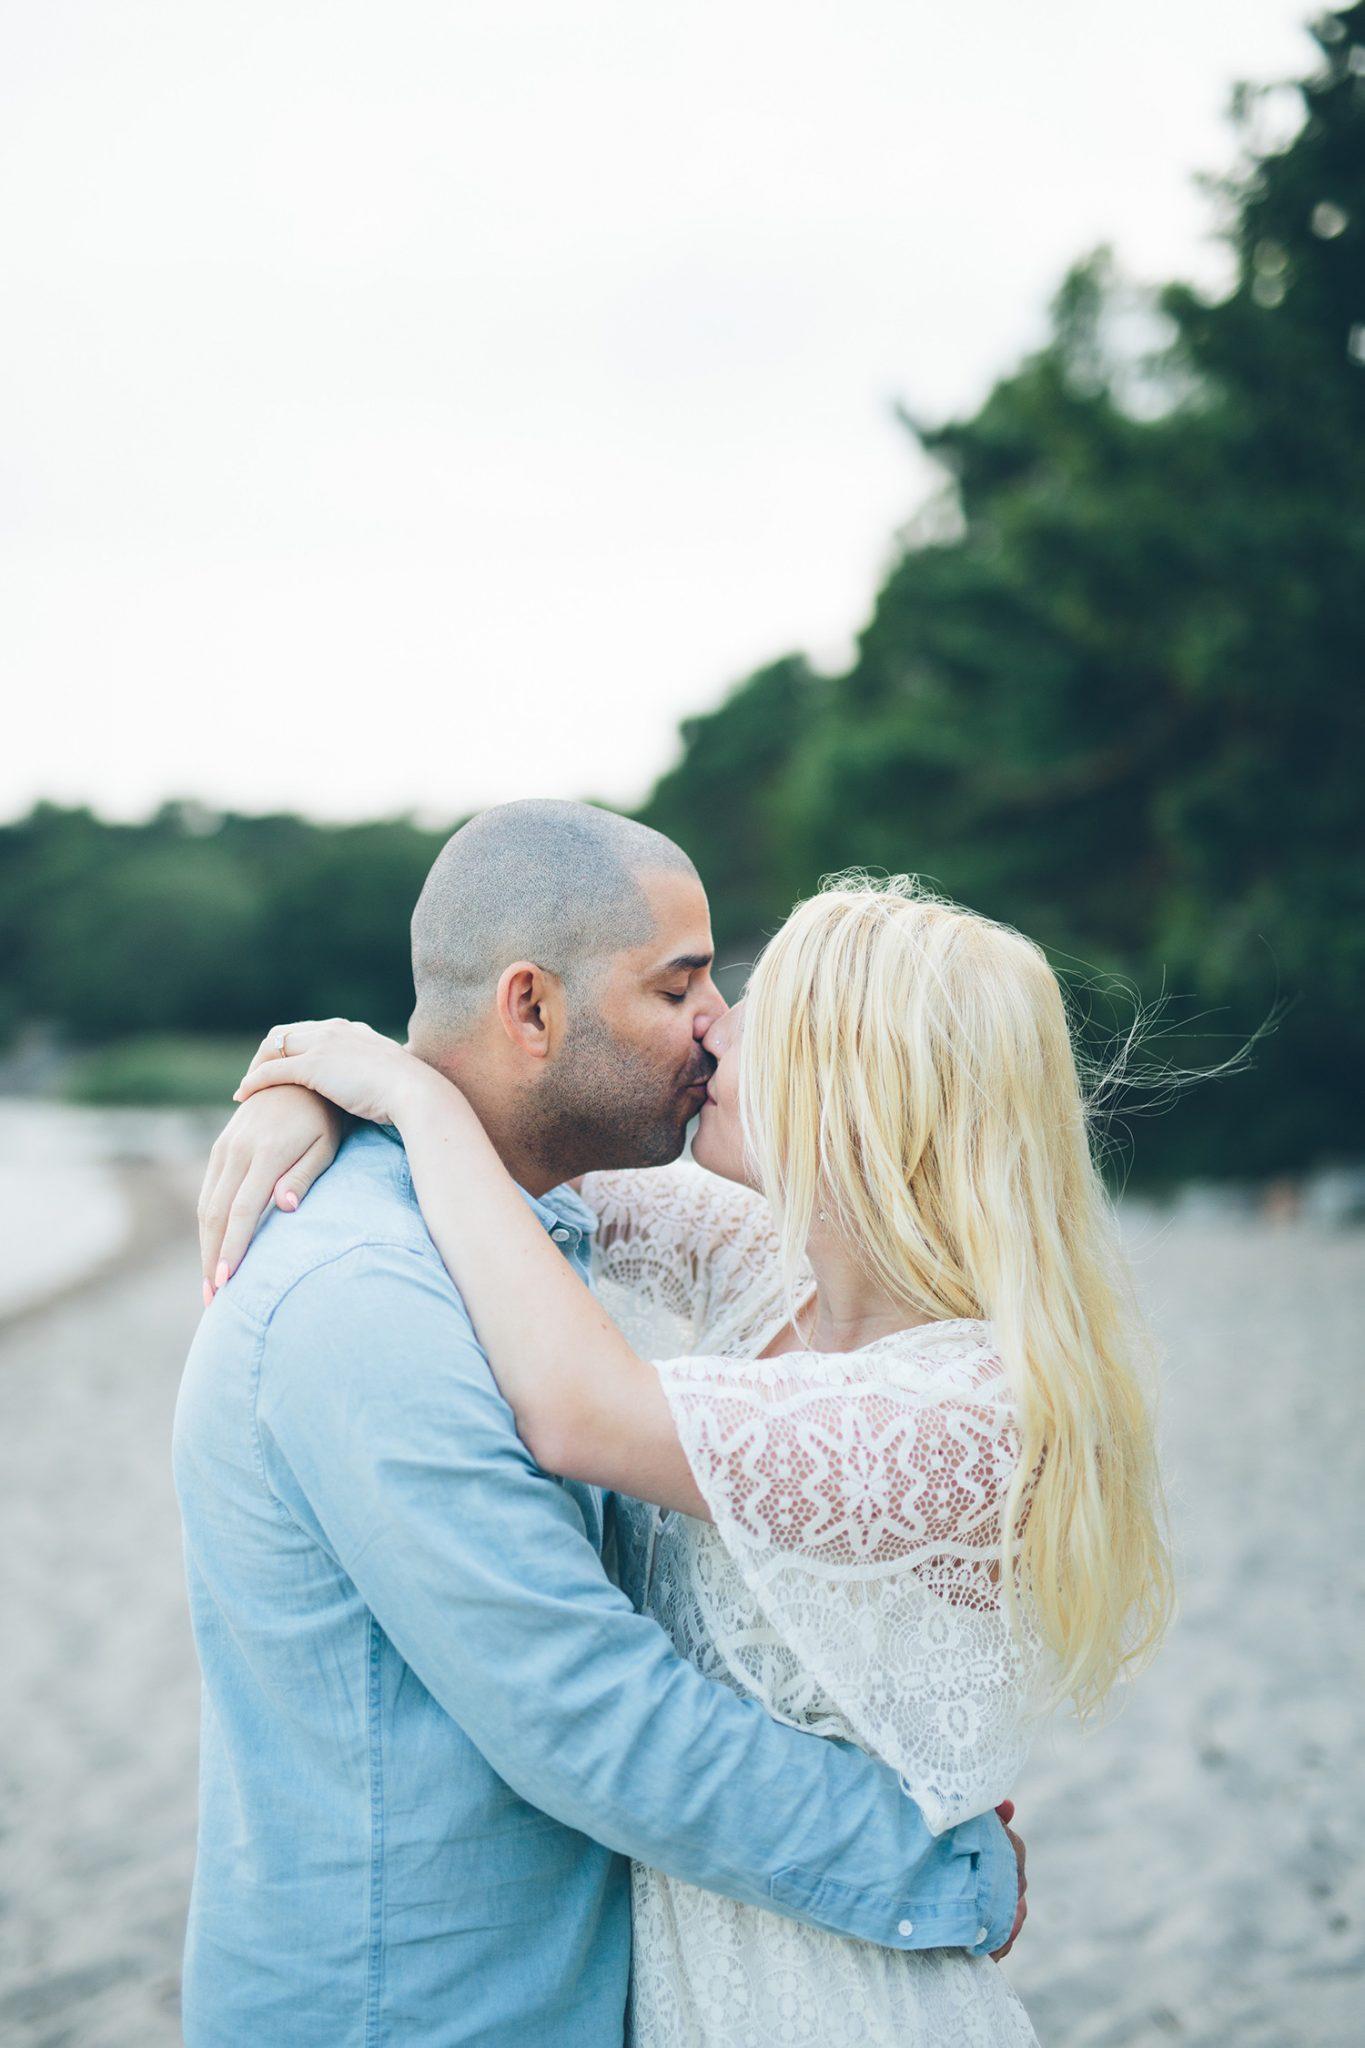 2f1cff2e1d8 Ni som har gift er eller hjälpt till att planera någon annans bröllop, i  vilken ände börjar man? Vad kostade era bröllop, speca gärna vad dom olika  sakerna ...